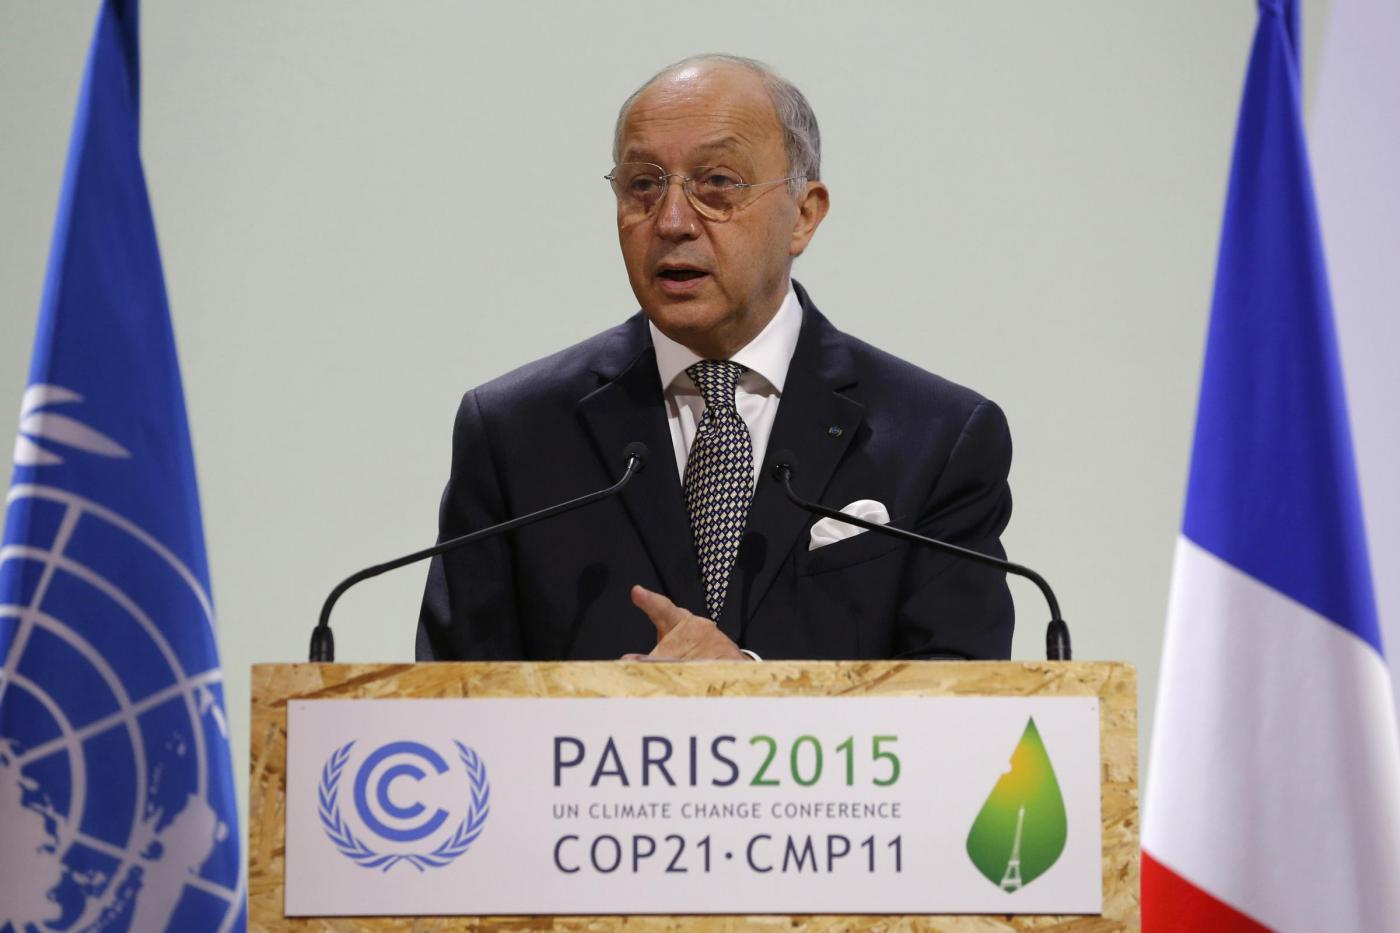 Clima maratona a parigi per il grande accordo nuova - Bozza compromesso ...